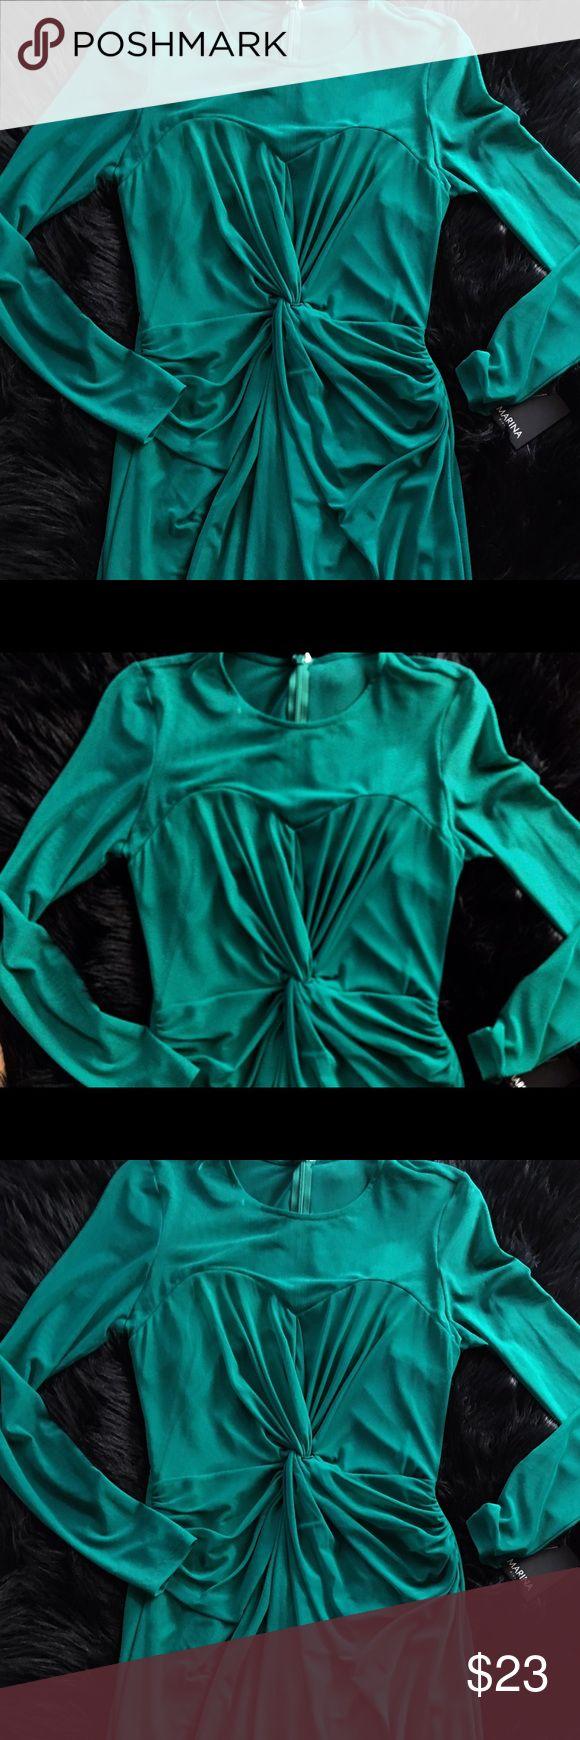 1816 besten Green Sexy Dresses Bilder auf Pinterest   Mein stil ...